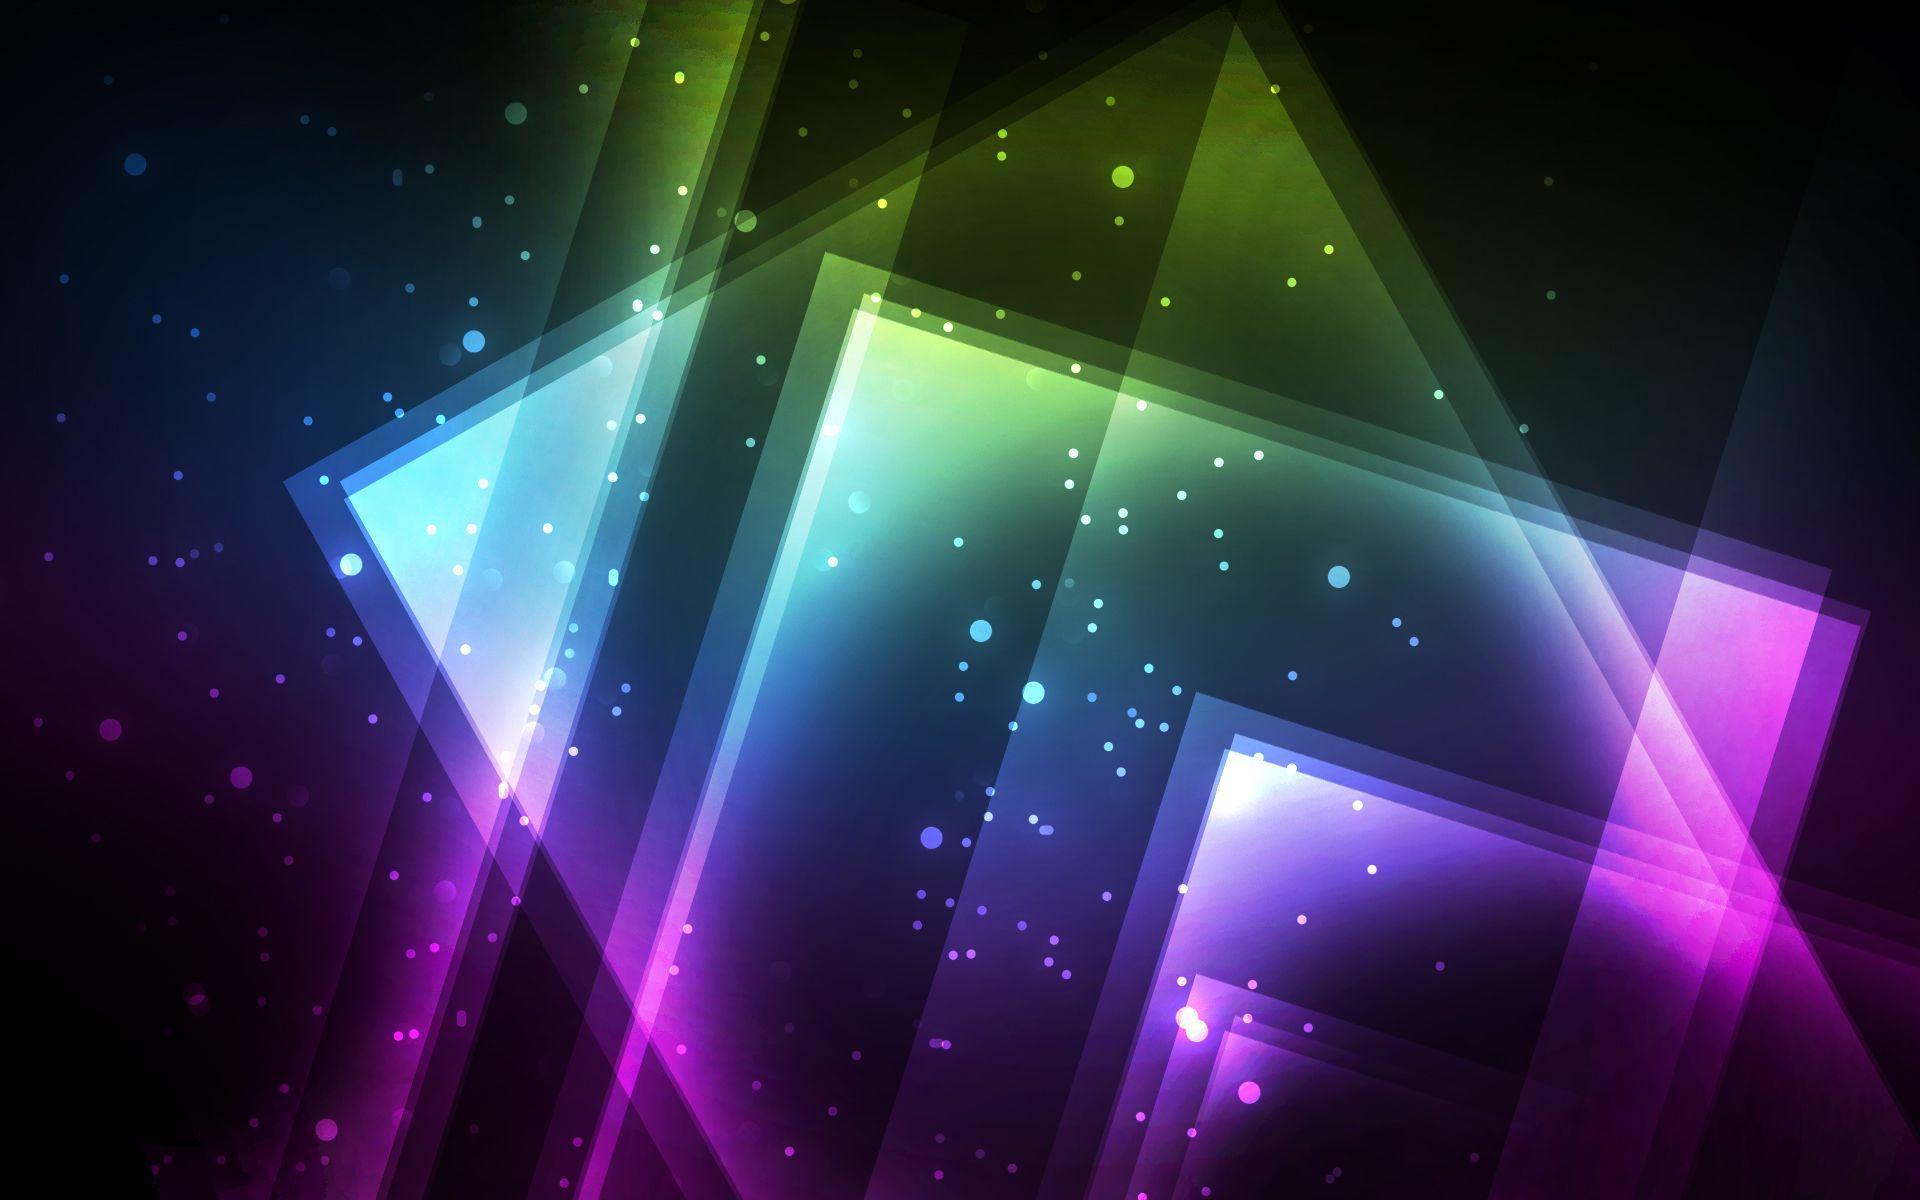 Glow Background Hd Glow Wallpaper 25577